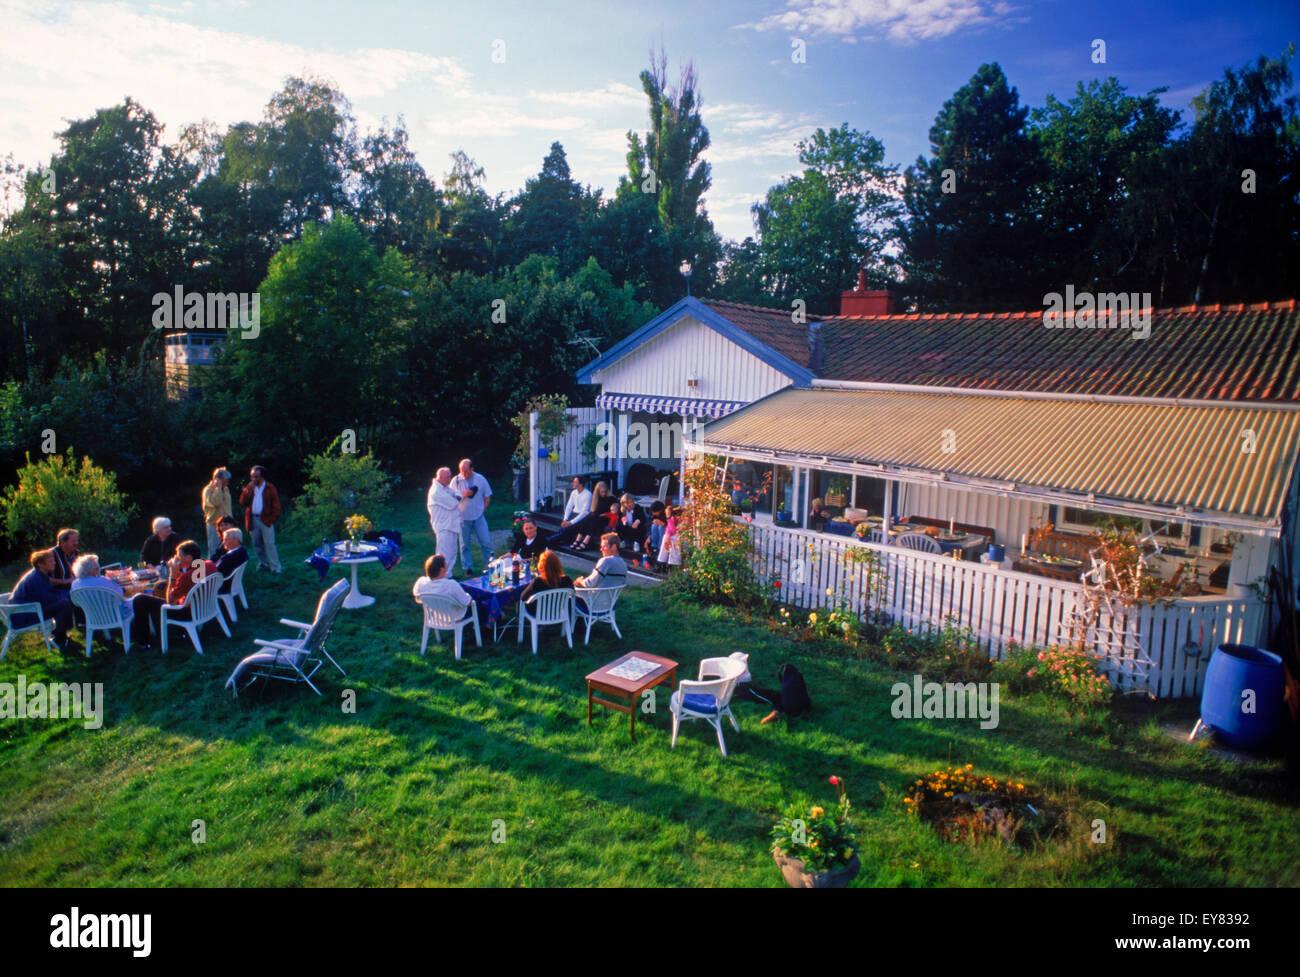 Amigos compartiendo la comida, el café y la conversación en casa de verano en la isla Tranholmen en Estocolmo Imagen De Stock